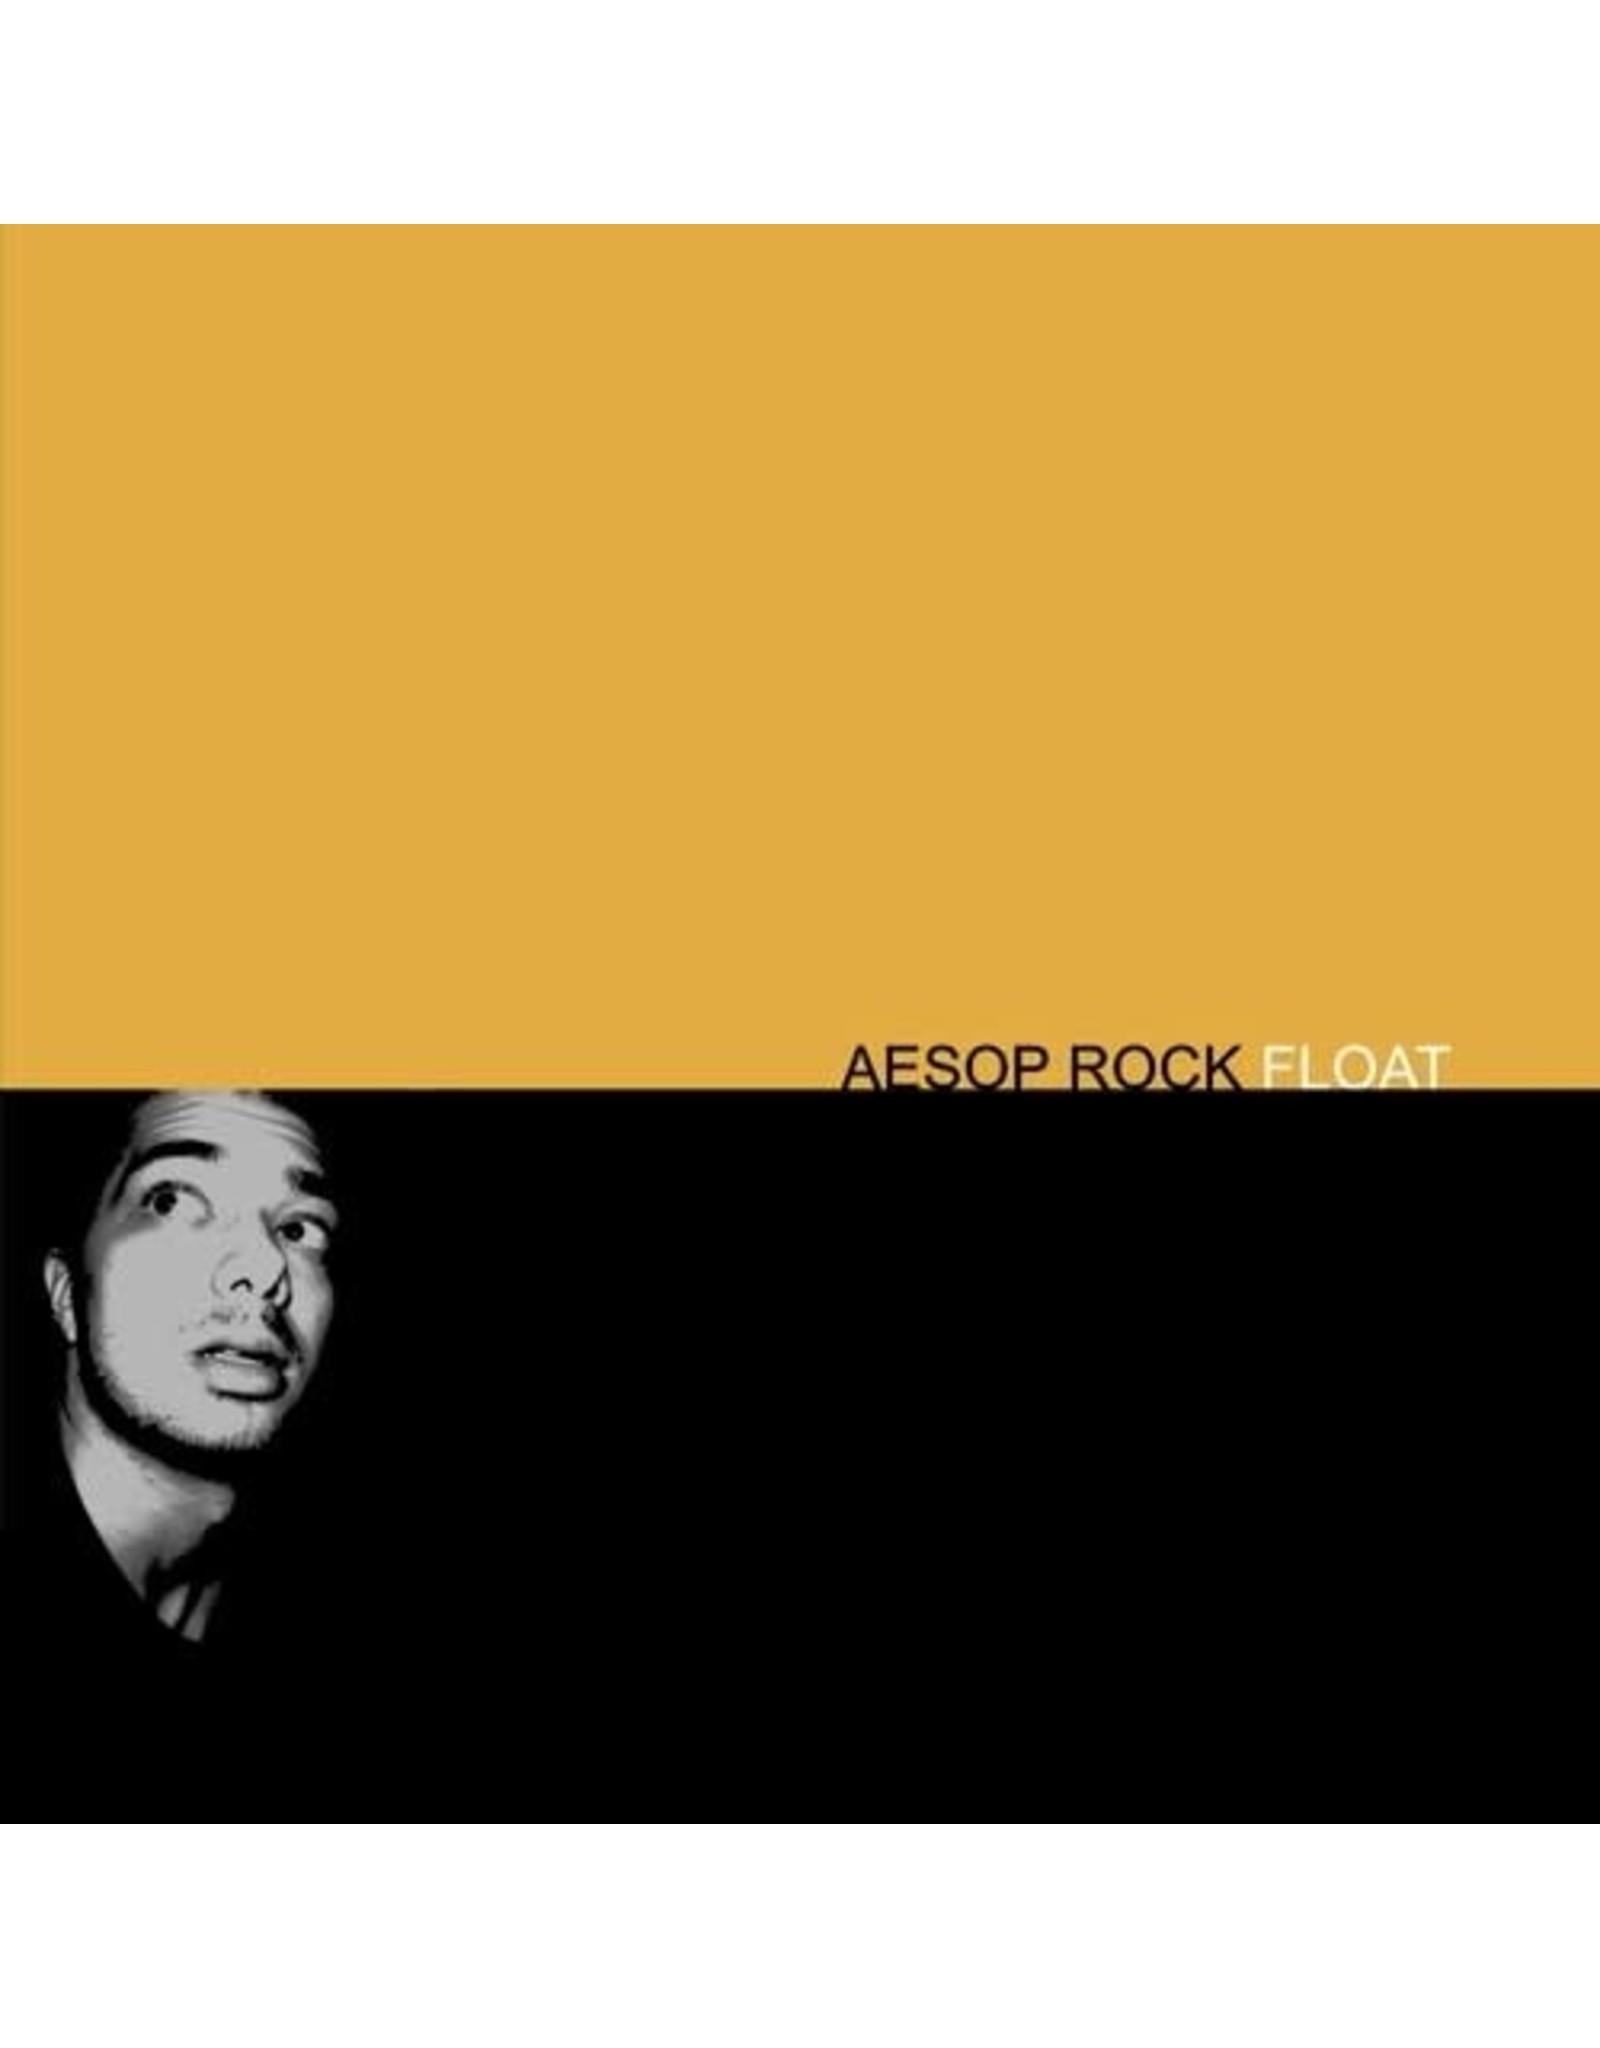 Aesop Rock - Fload (Yellow) 2LP